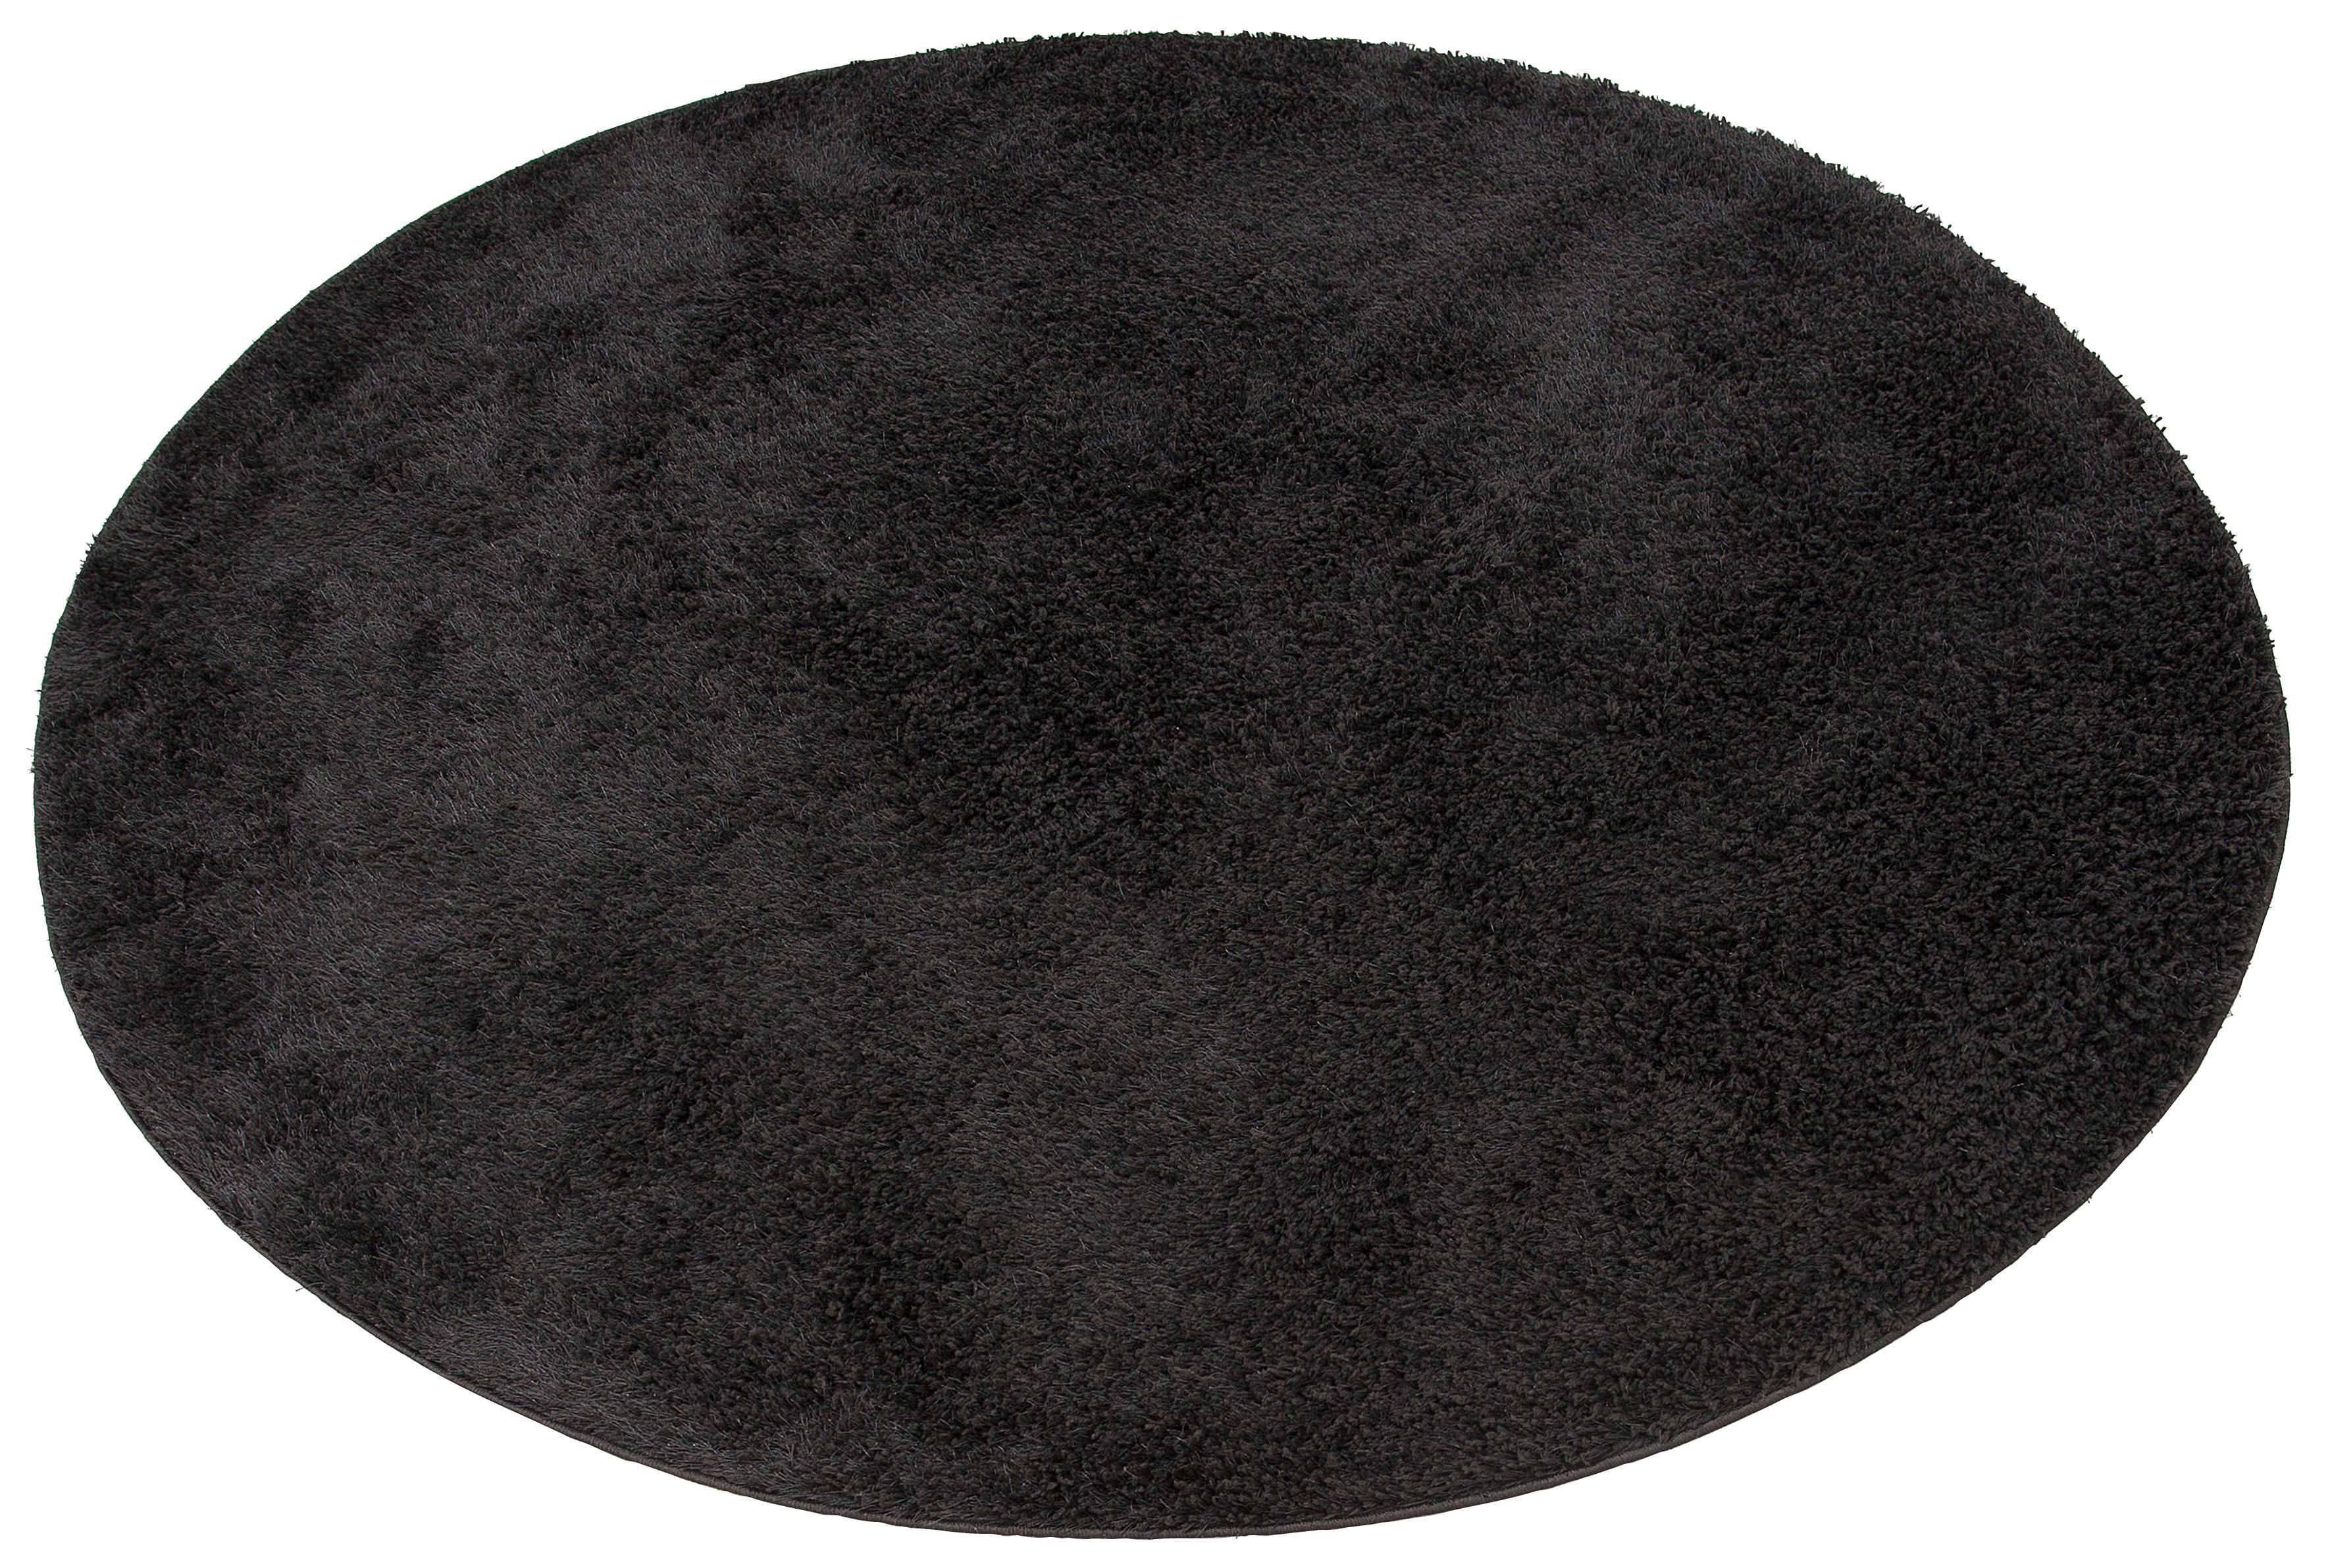 Hochflor-Teppich, »Mikro Soft Ideal«, my home, rund, Höhe 30 mm, maschinell gewebt | Heimtextilien > Teppiche > Hochflorteppiche | Schwarz | MY HOME